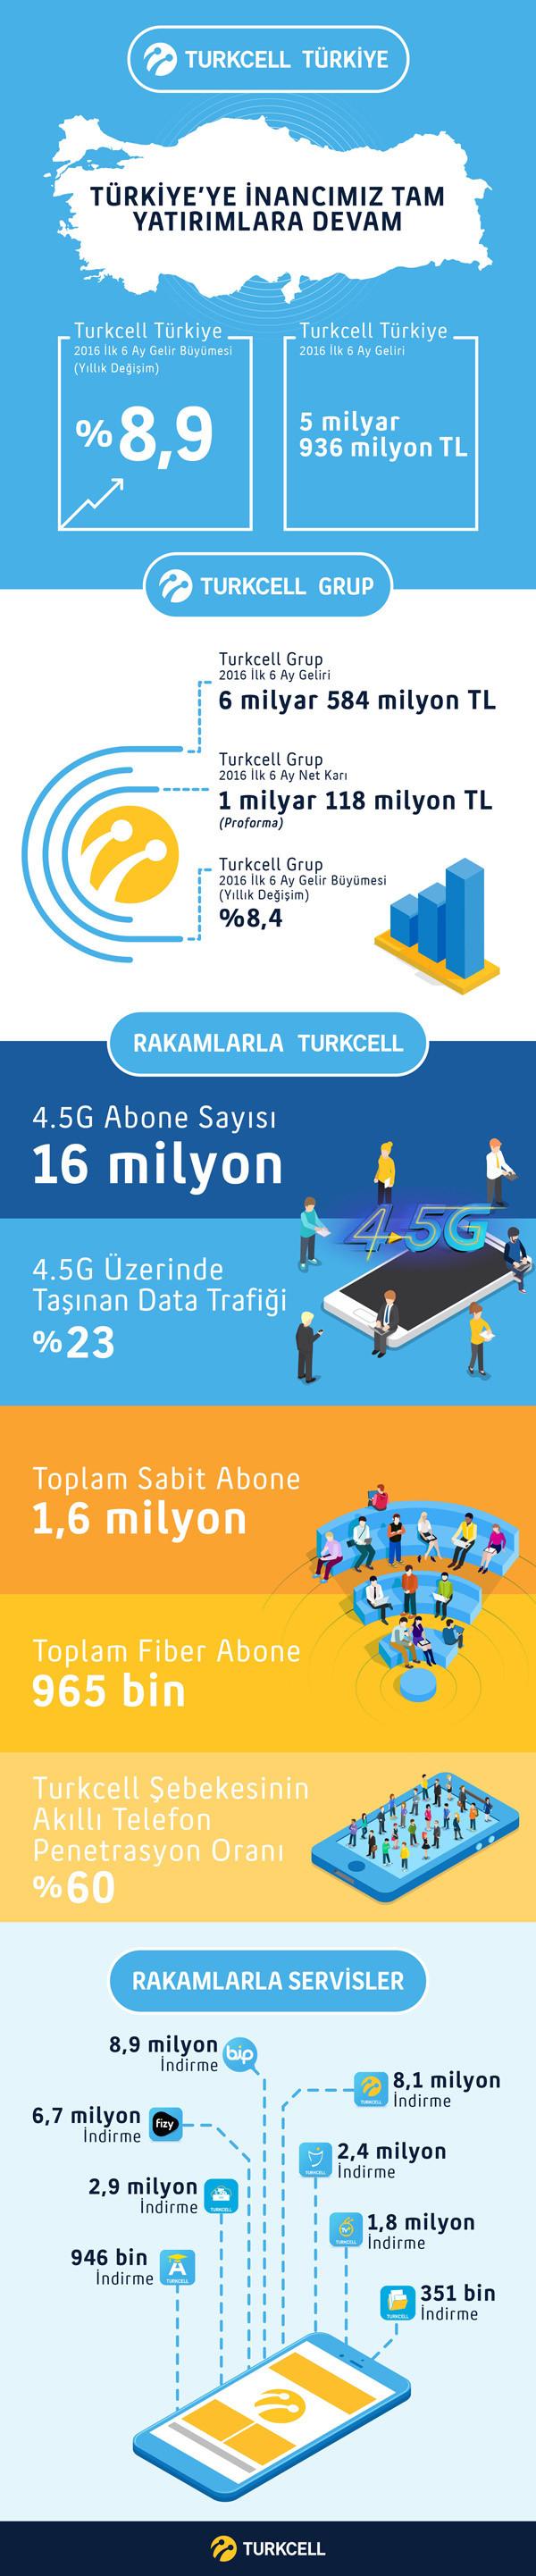 1469709847_turkcellinfo.jpg